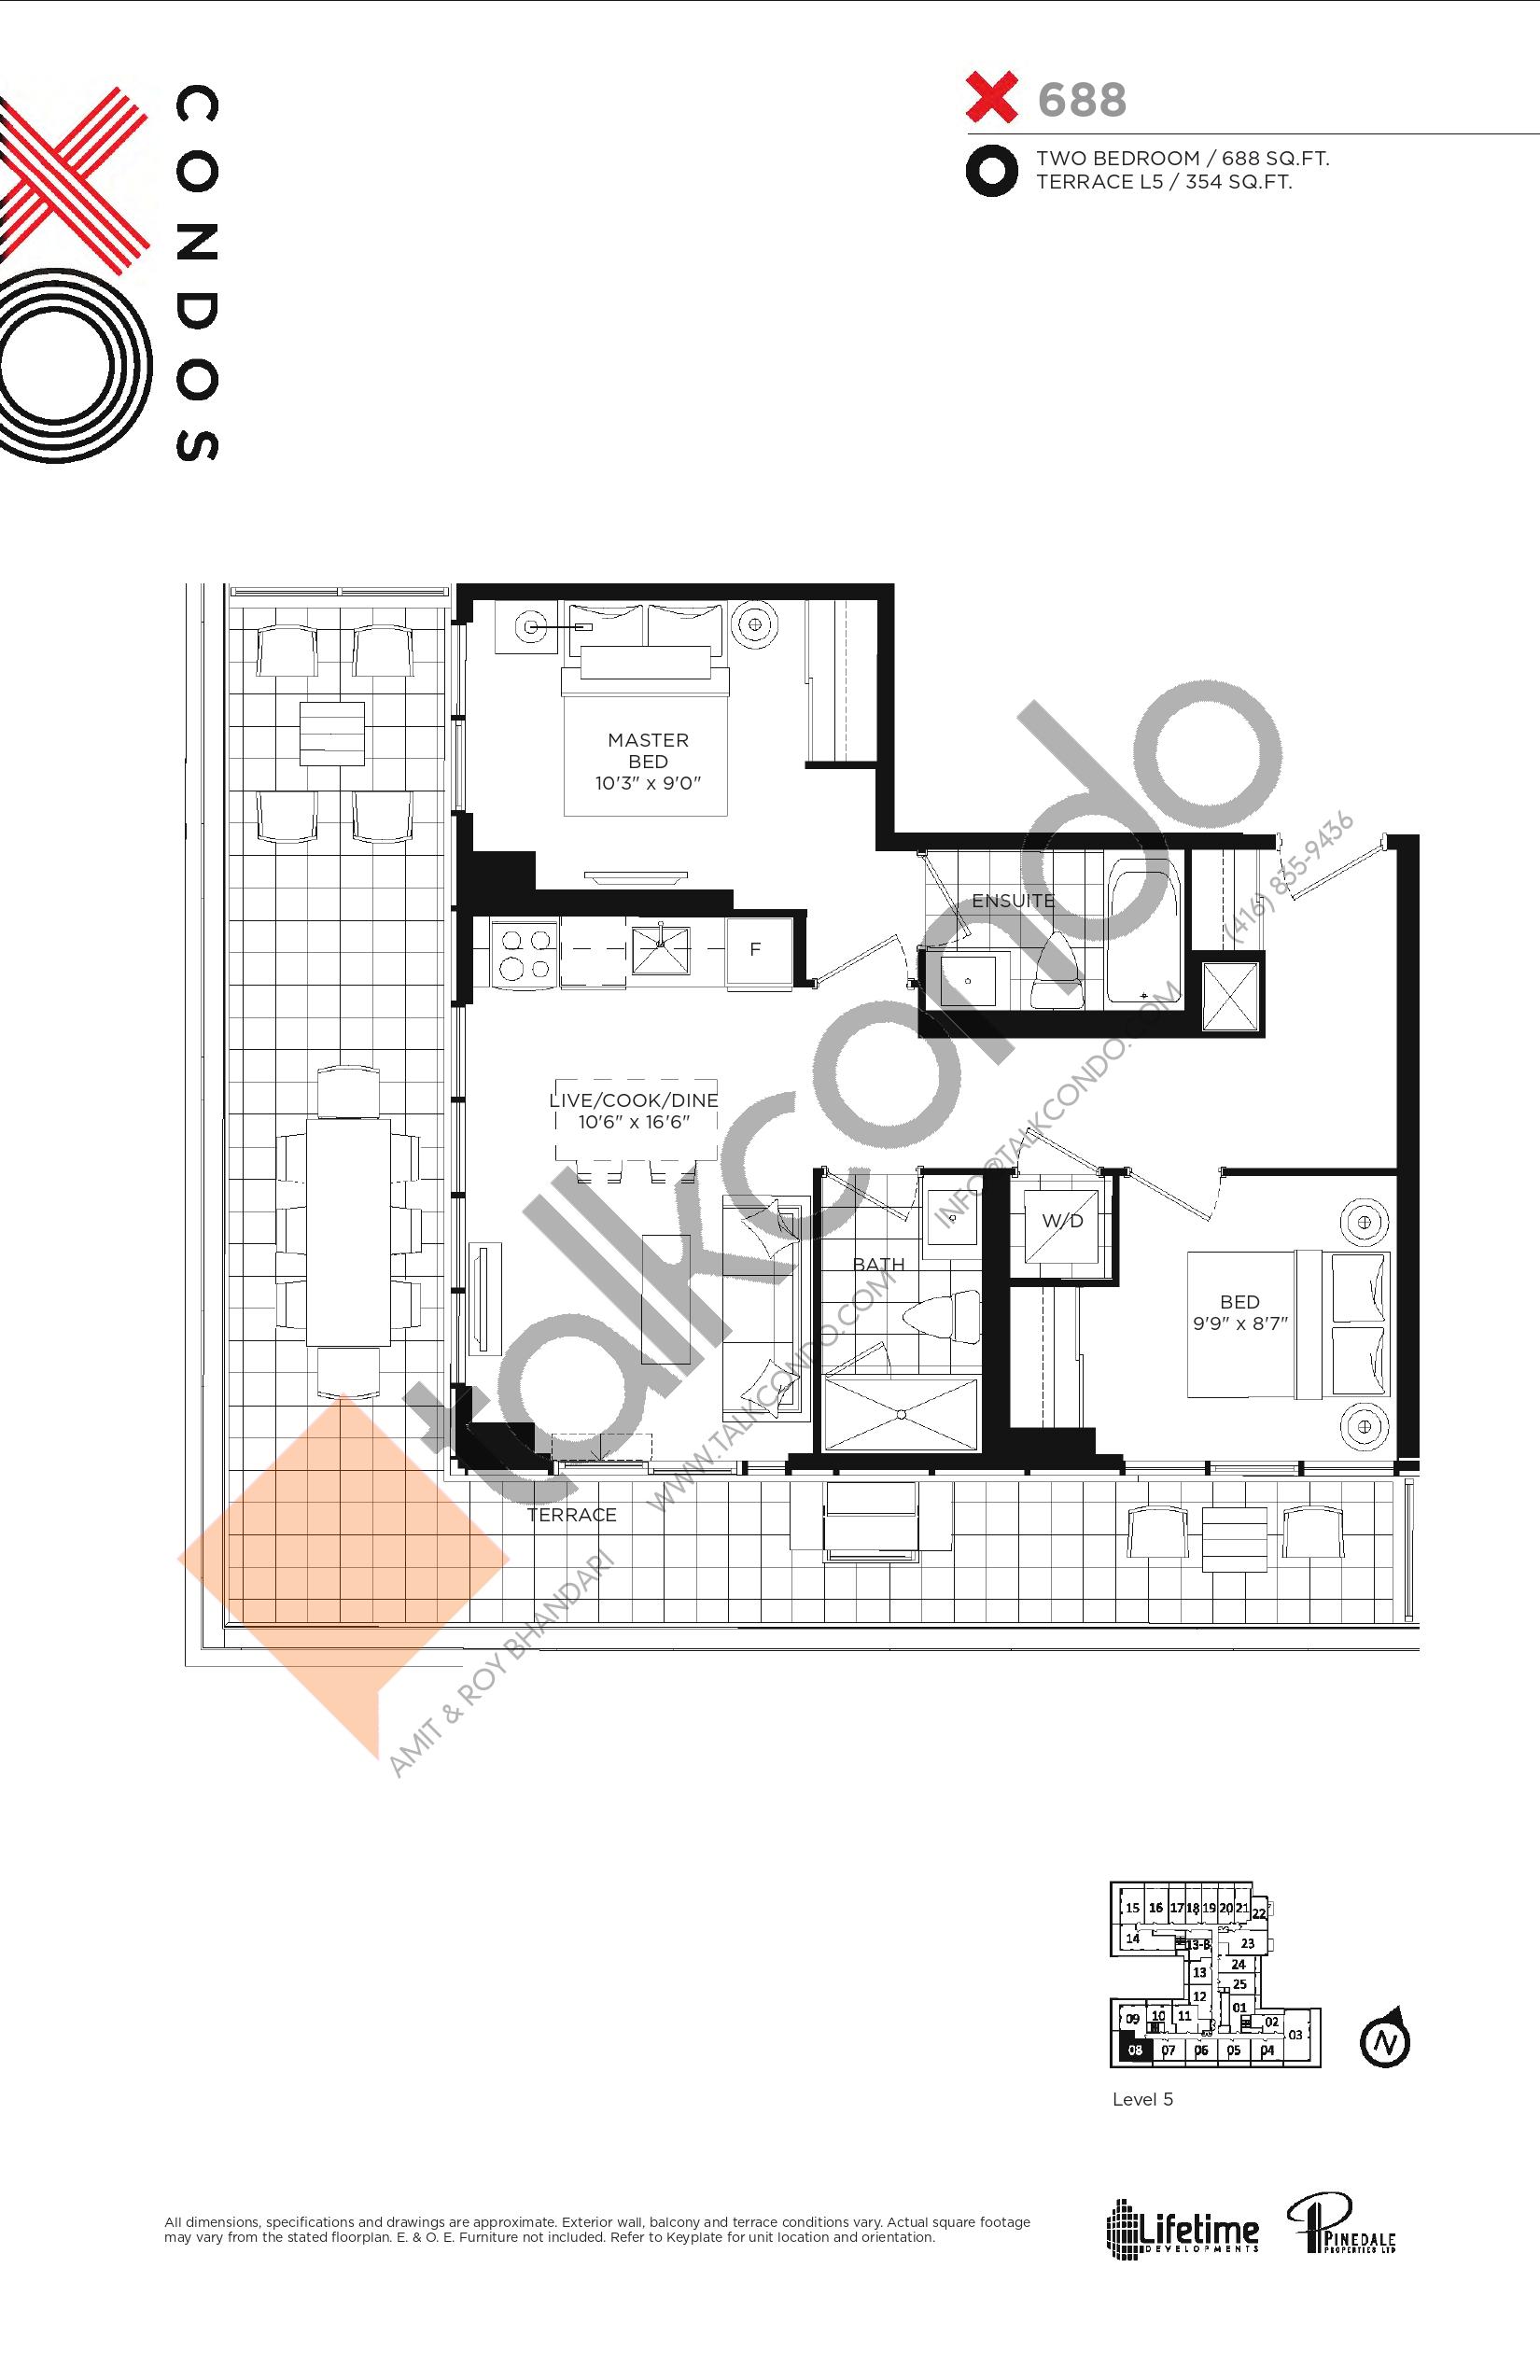 688 Floor Plan at XO Condos - 688 sq.ft